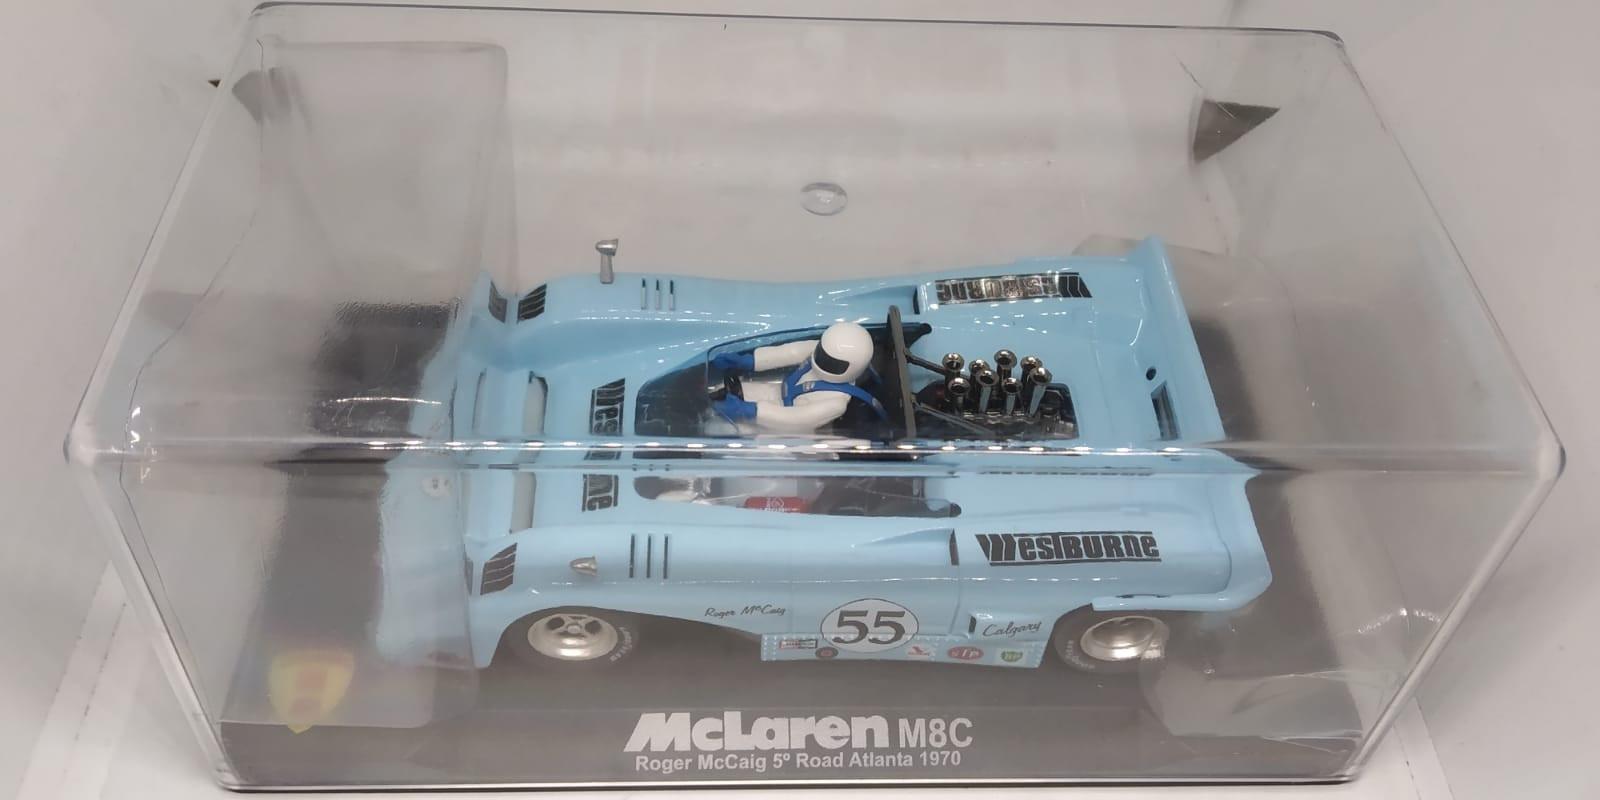 MLCAREN M8C, VANQUISH